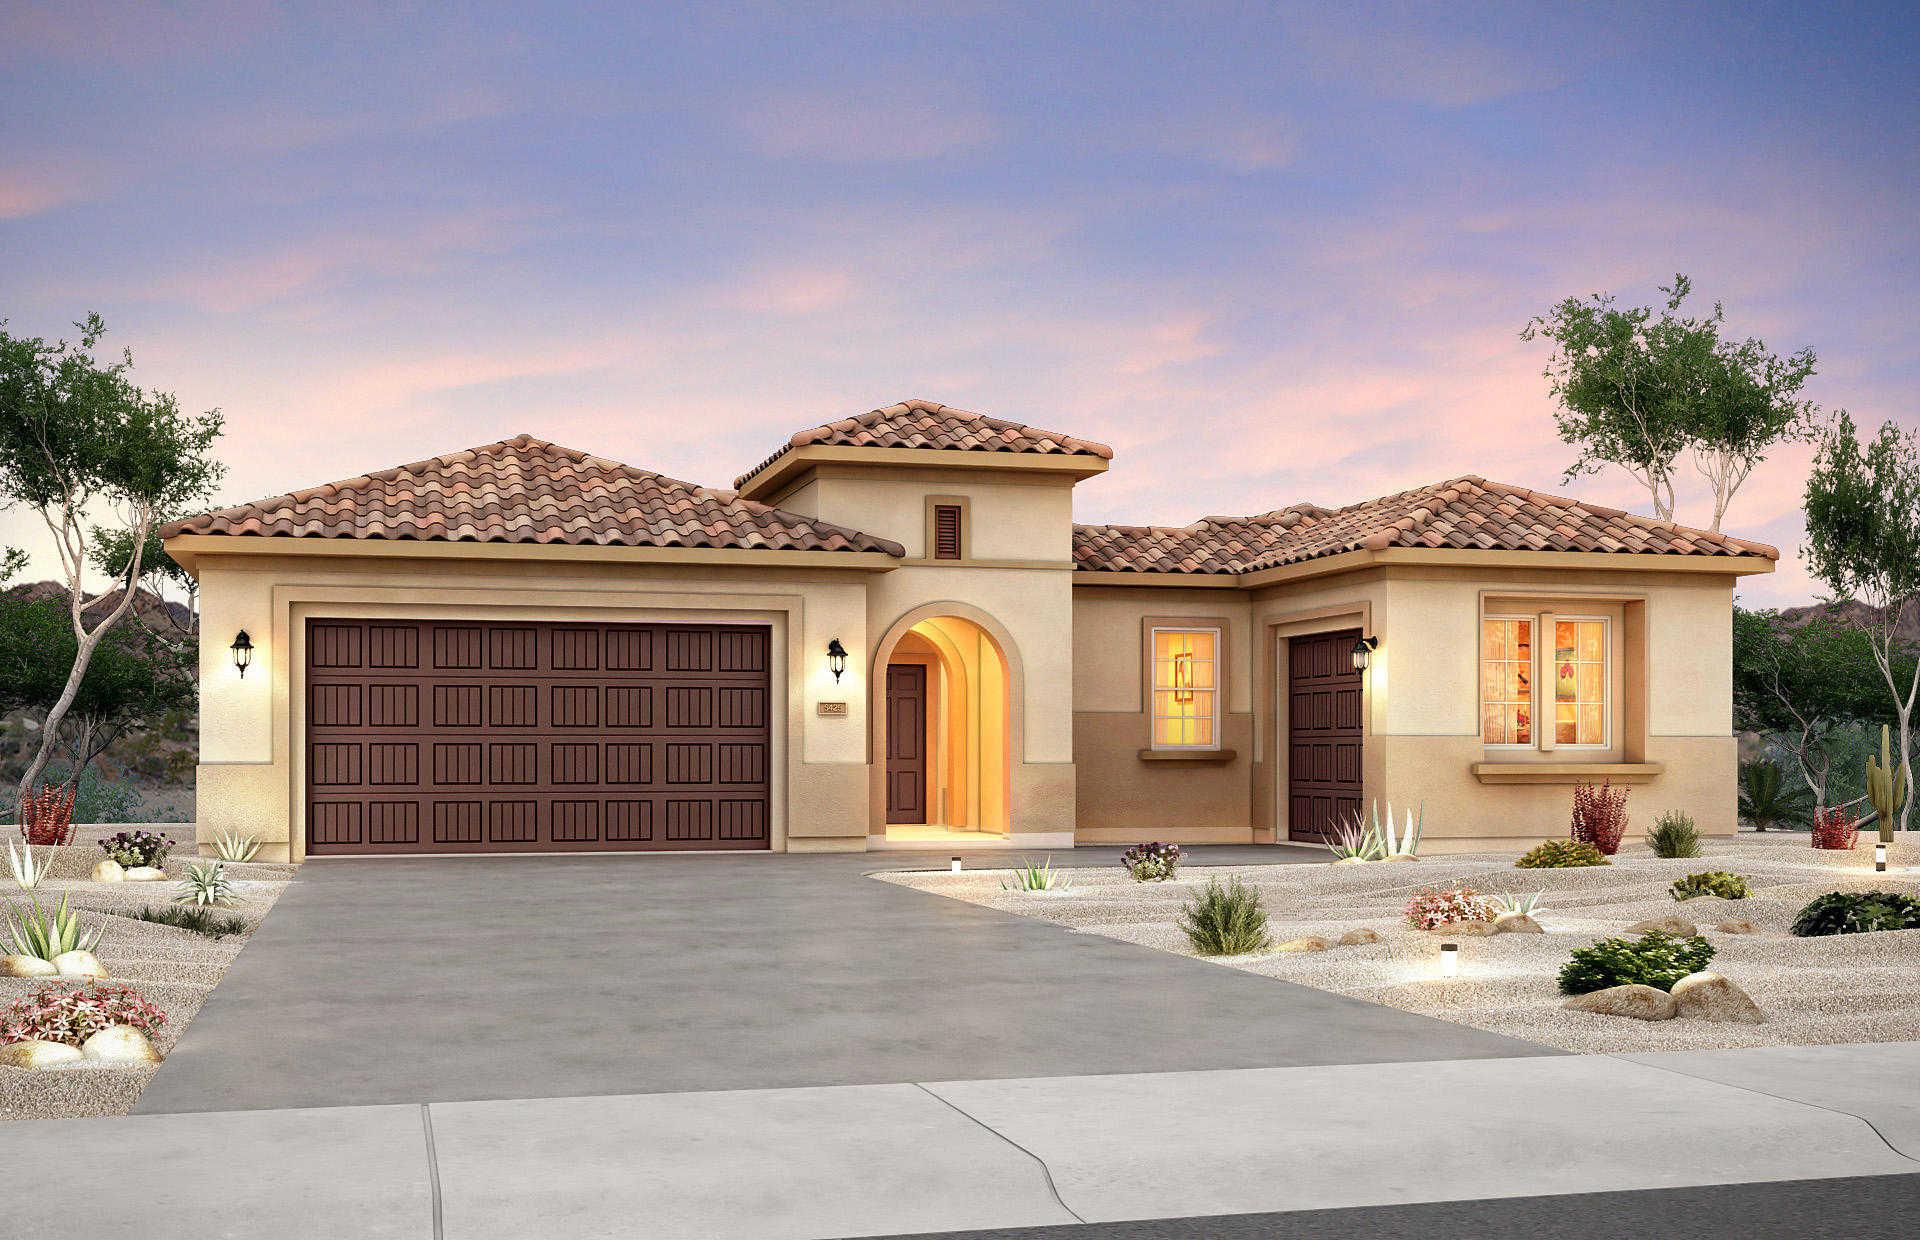 $650,607 - 2Br/3Ba -  for Sale in Del Webb Mirehaven; Mirehaven Del Webb, Albuquerque